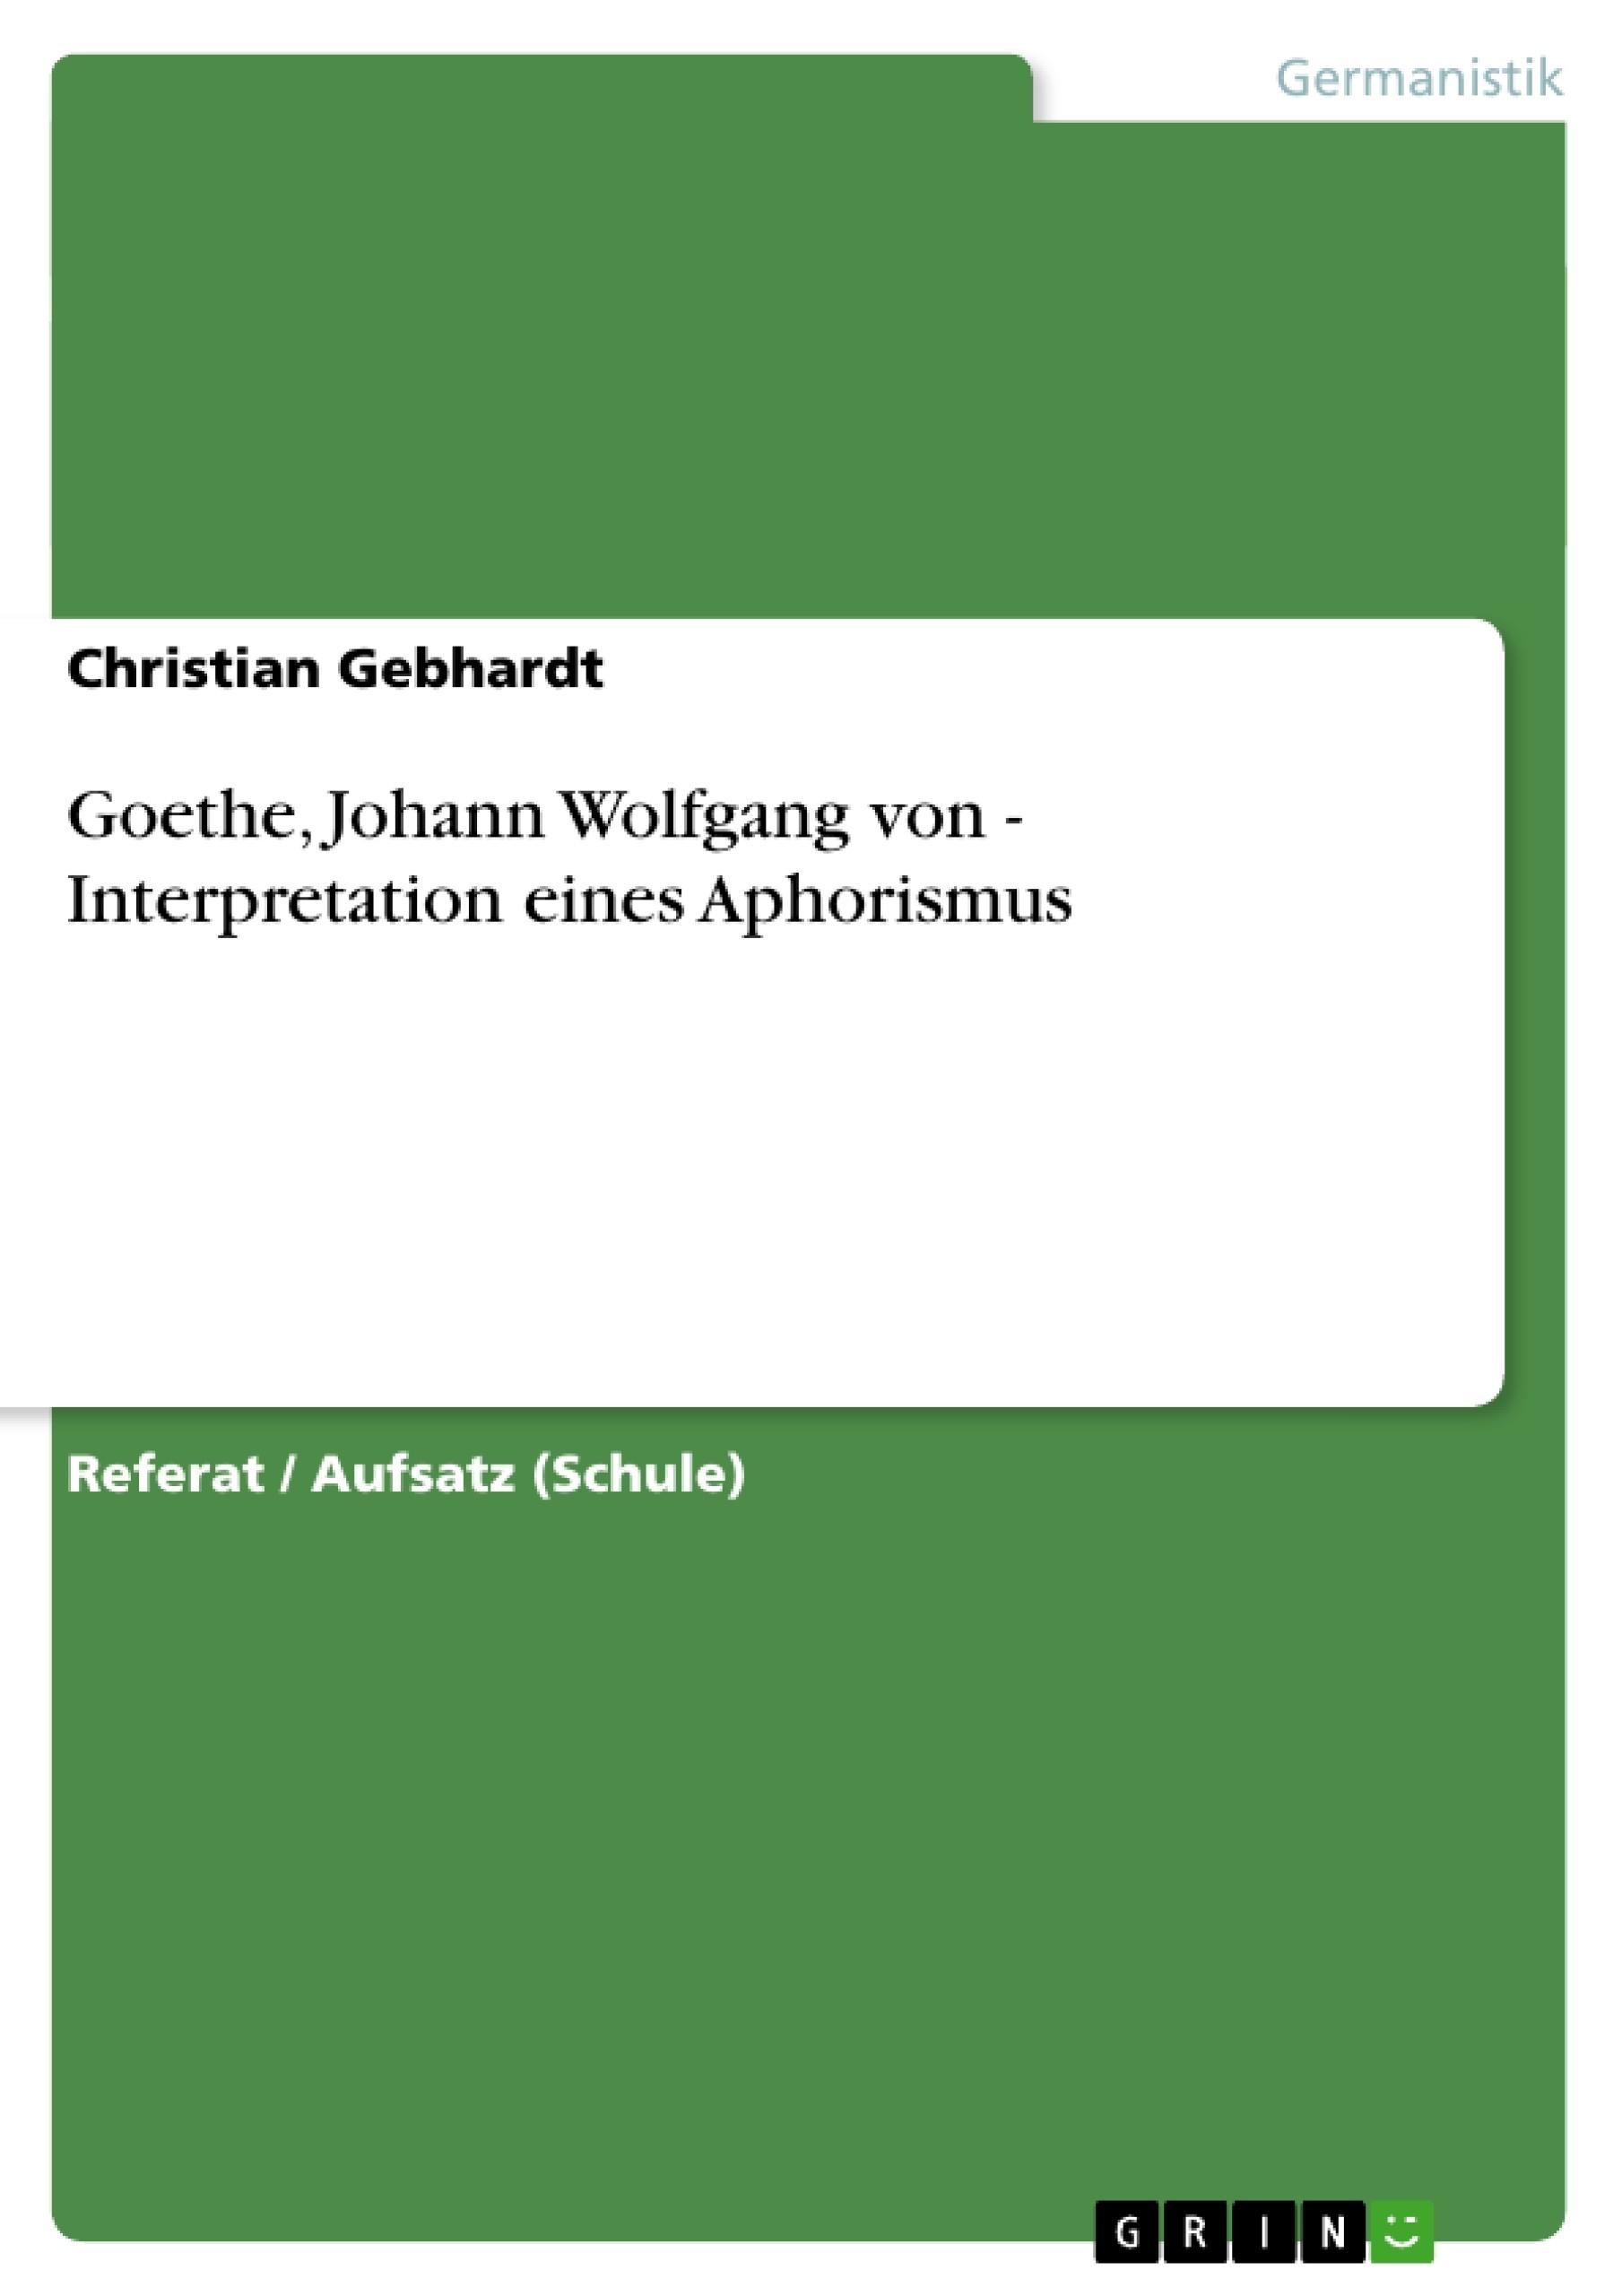 Titel: Goethe, Johann Wolfgang von - Interpretation eines Aphorismus